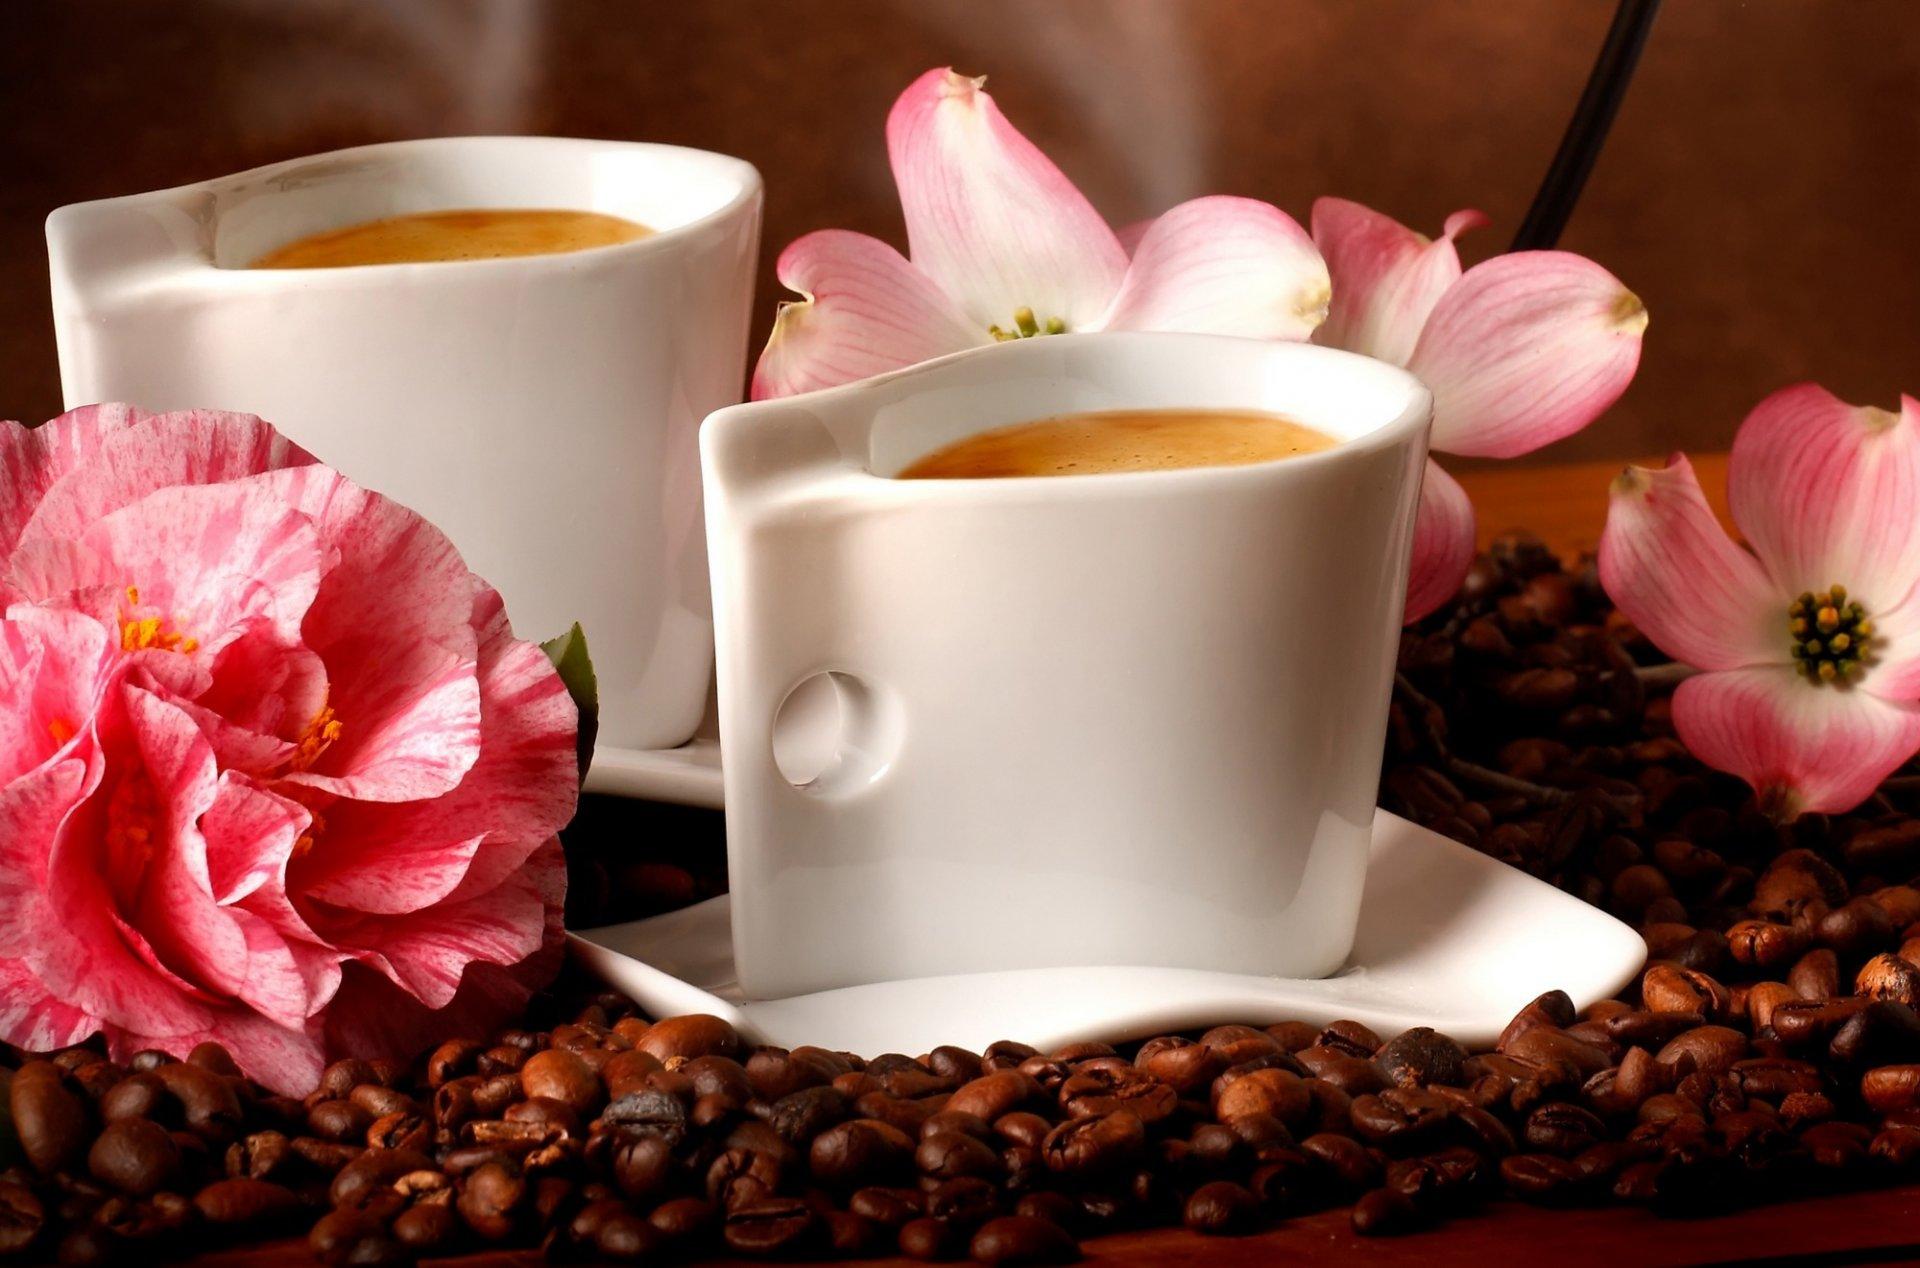 Крутые свинка, картинки с цветами и кофе